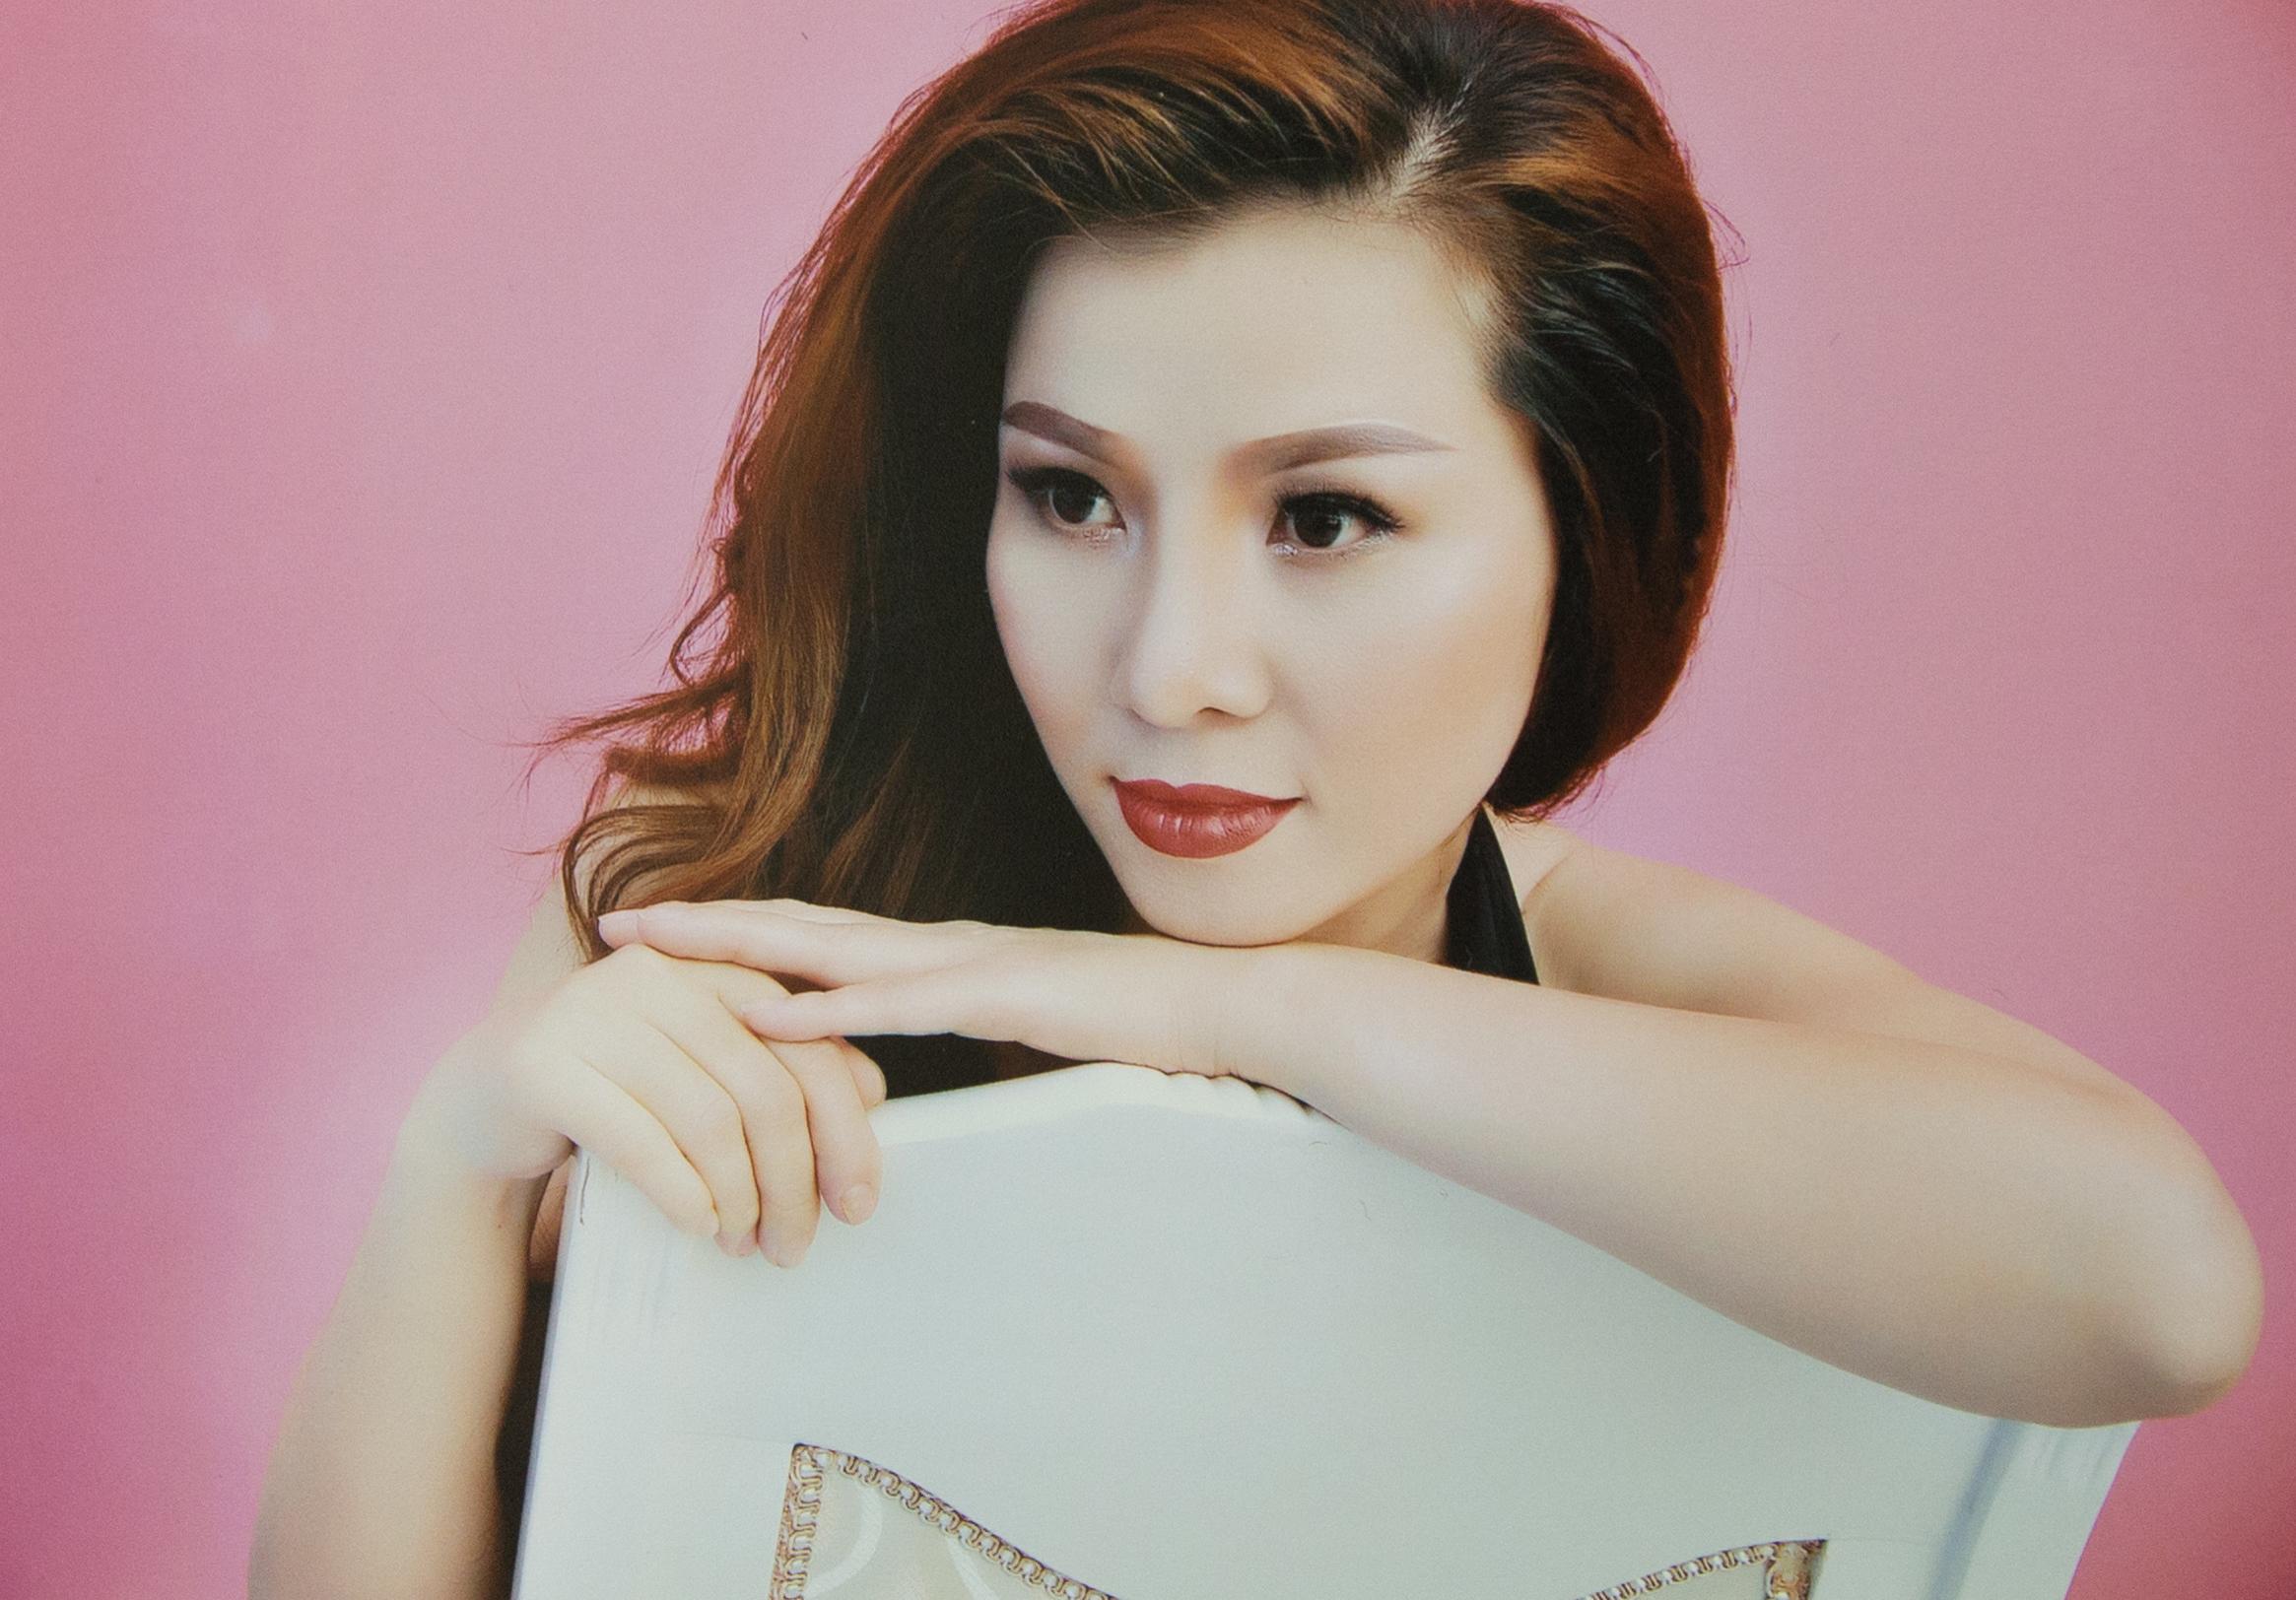 Ca sỹ Kiều Khanh- chính thức được mời trình diễn trong đêm chung kết hoa hậu tại Mỹ